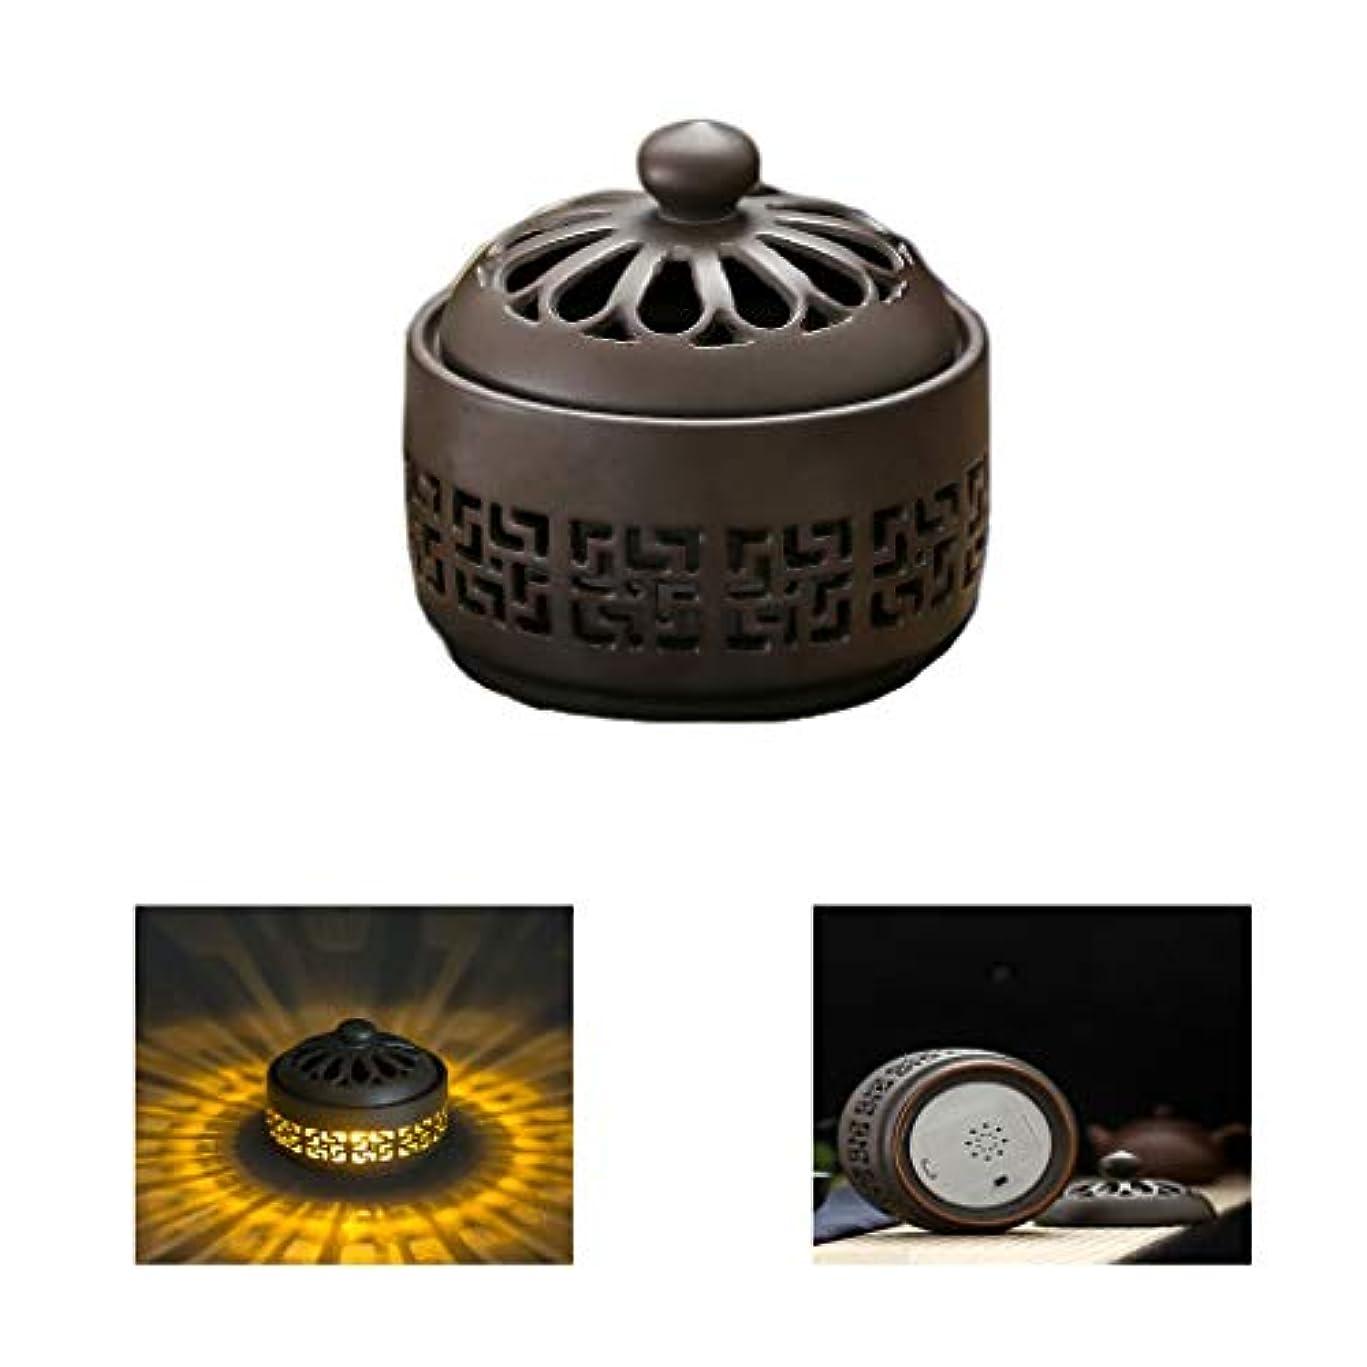 やけどこんにちは勝利したホームアロマバーナー LED暖かい光香バーナーレトロノスタルジックなセラミック香炉高温アロマセラピー炉 アロマバーナー (Color : Earth tones)